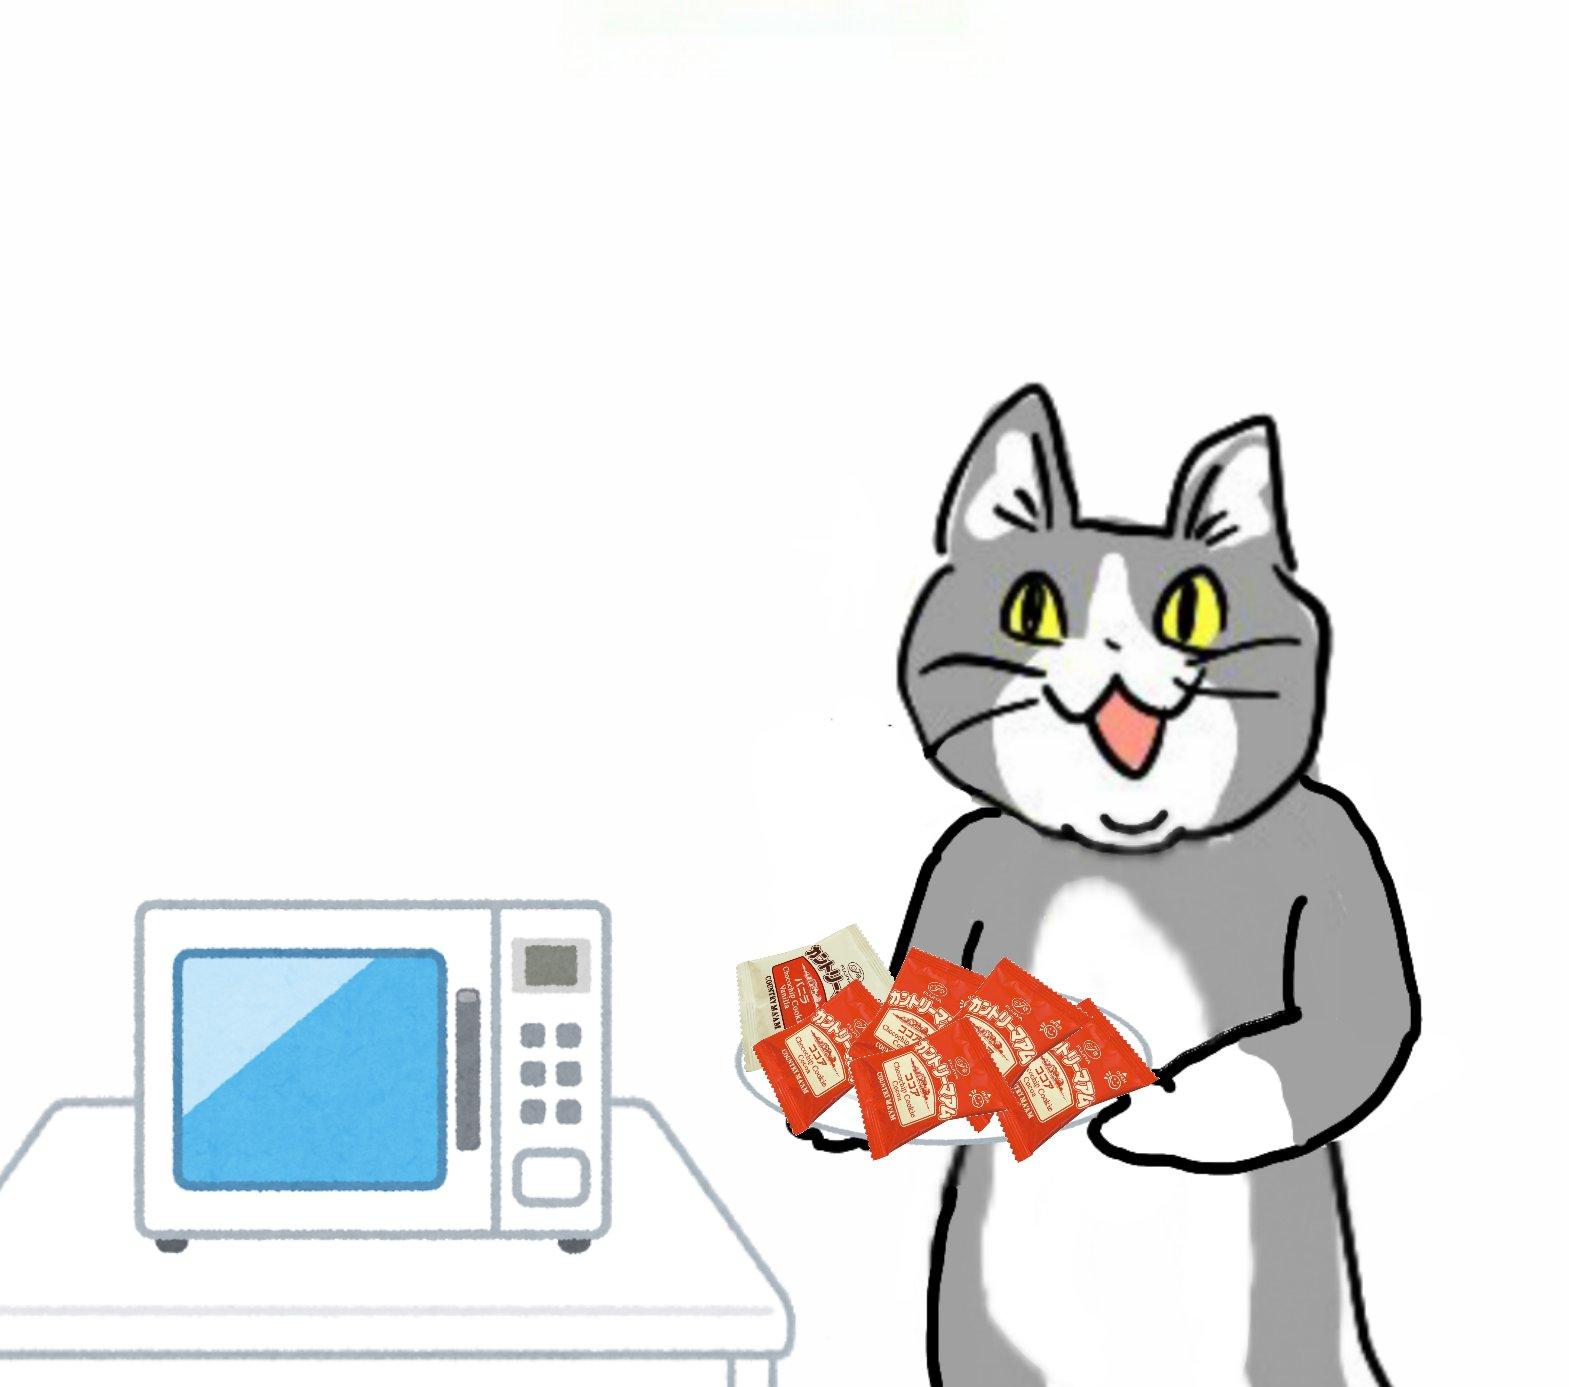 カントリーマアムを電子レンジで温めると美味しいって聞いたぞ! #電話猫 #現場猫